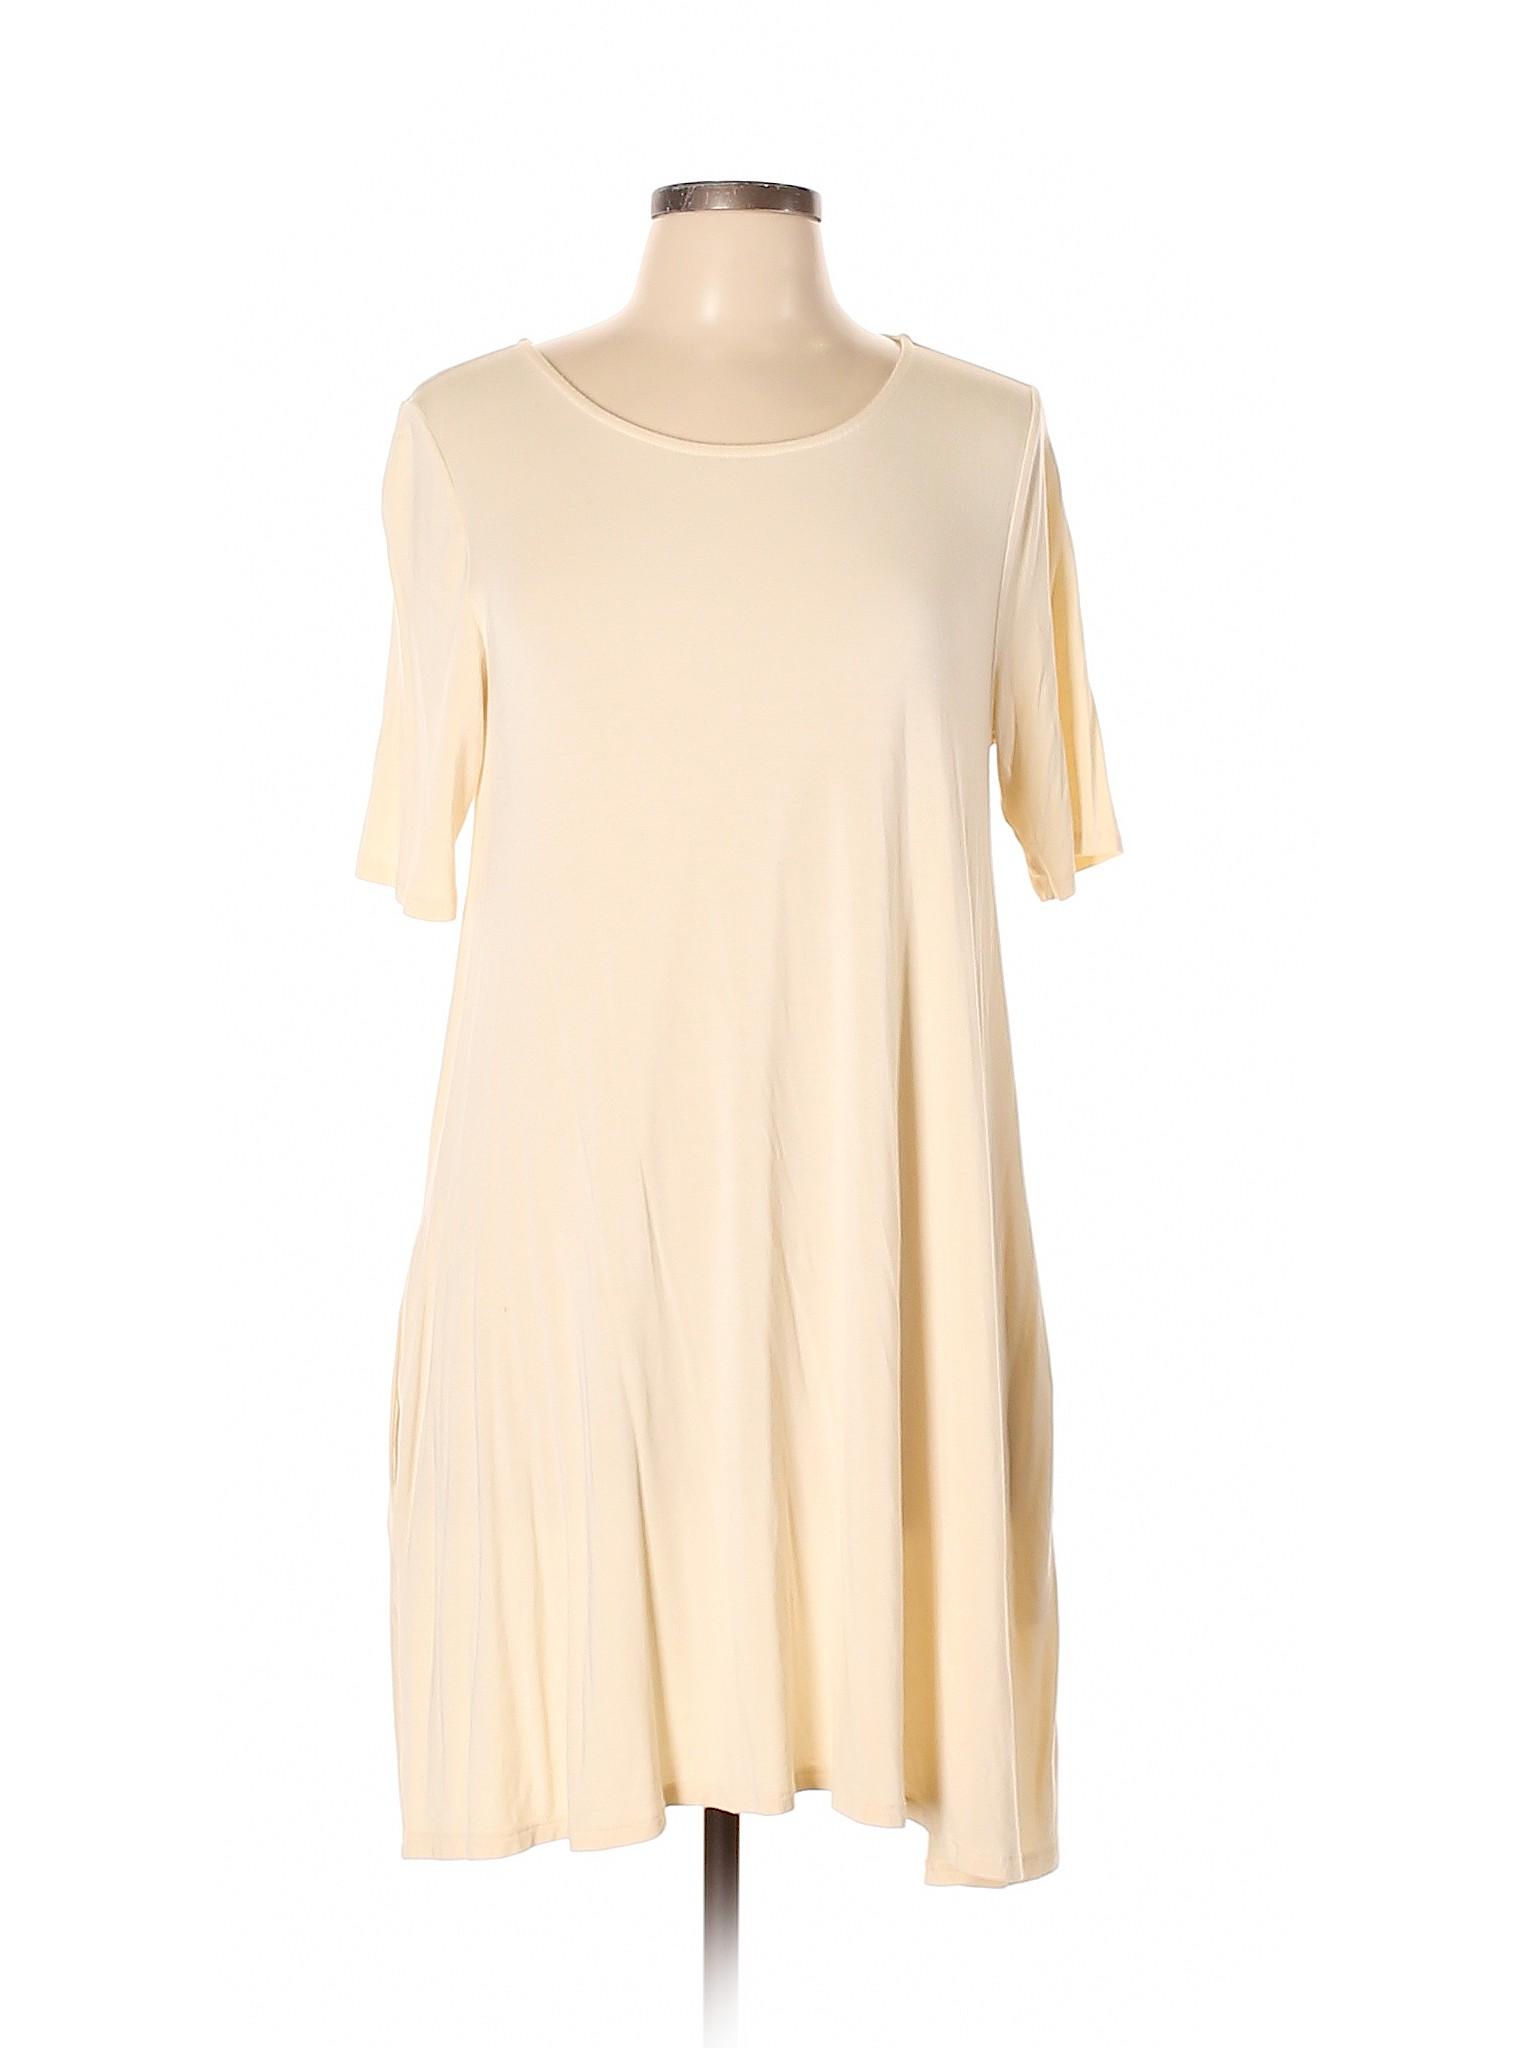 dc9a2df079875 Agnes & Dora Women Ivory Casual Dress Lg | eBay